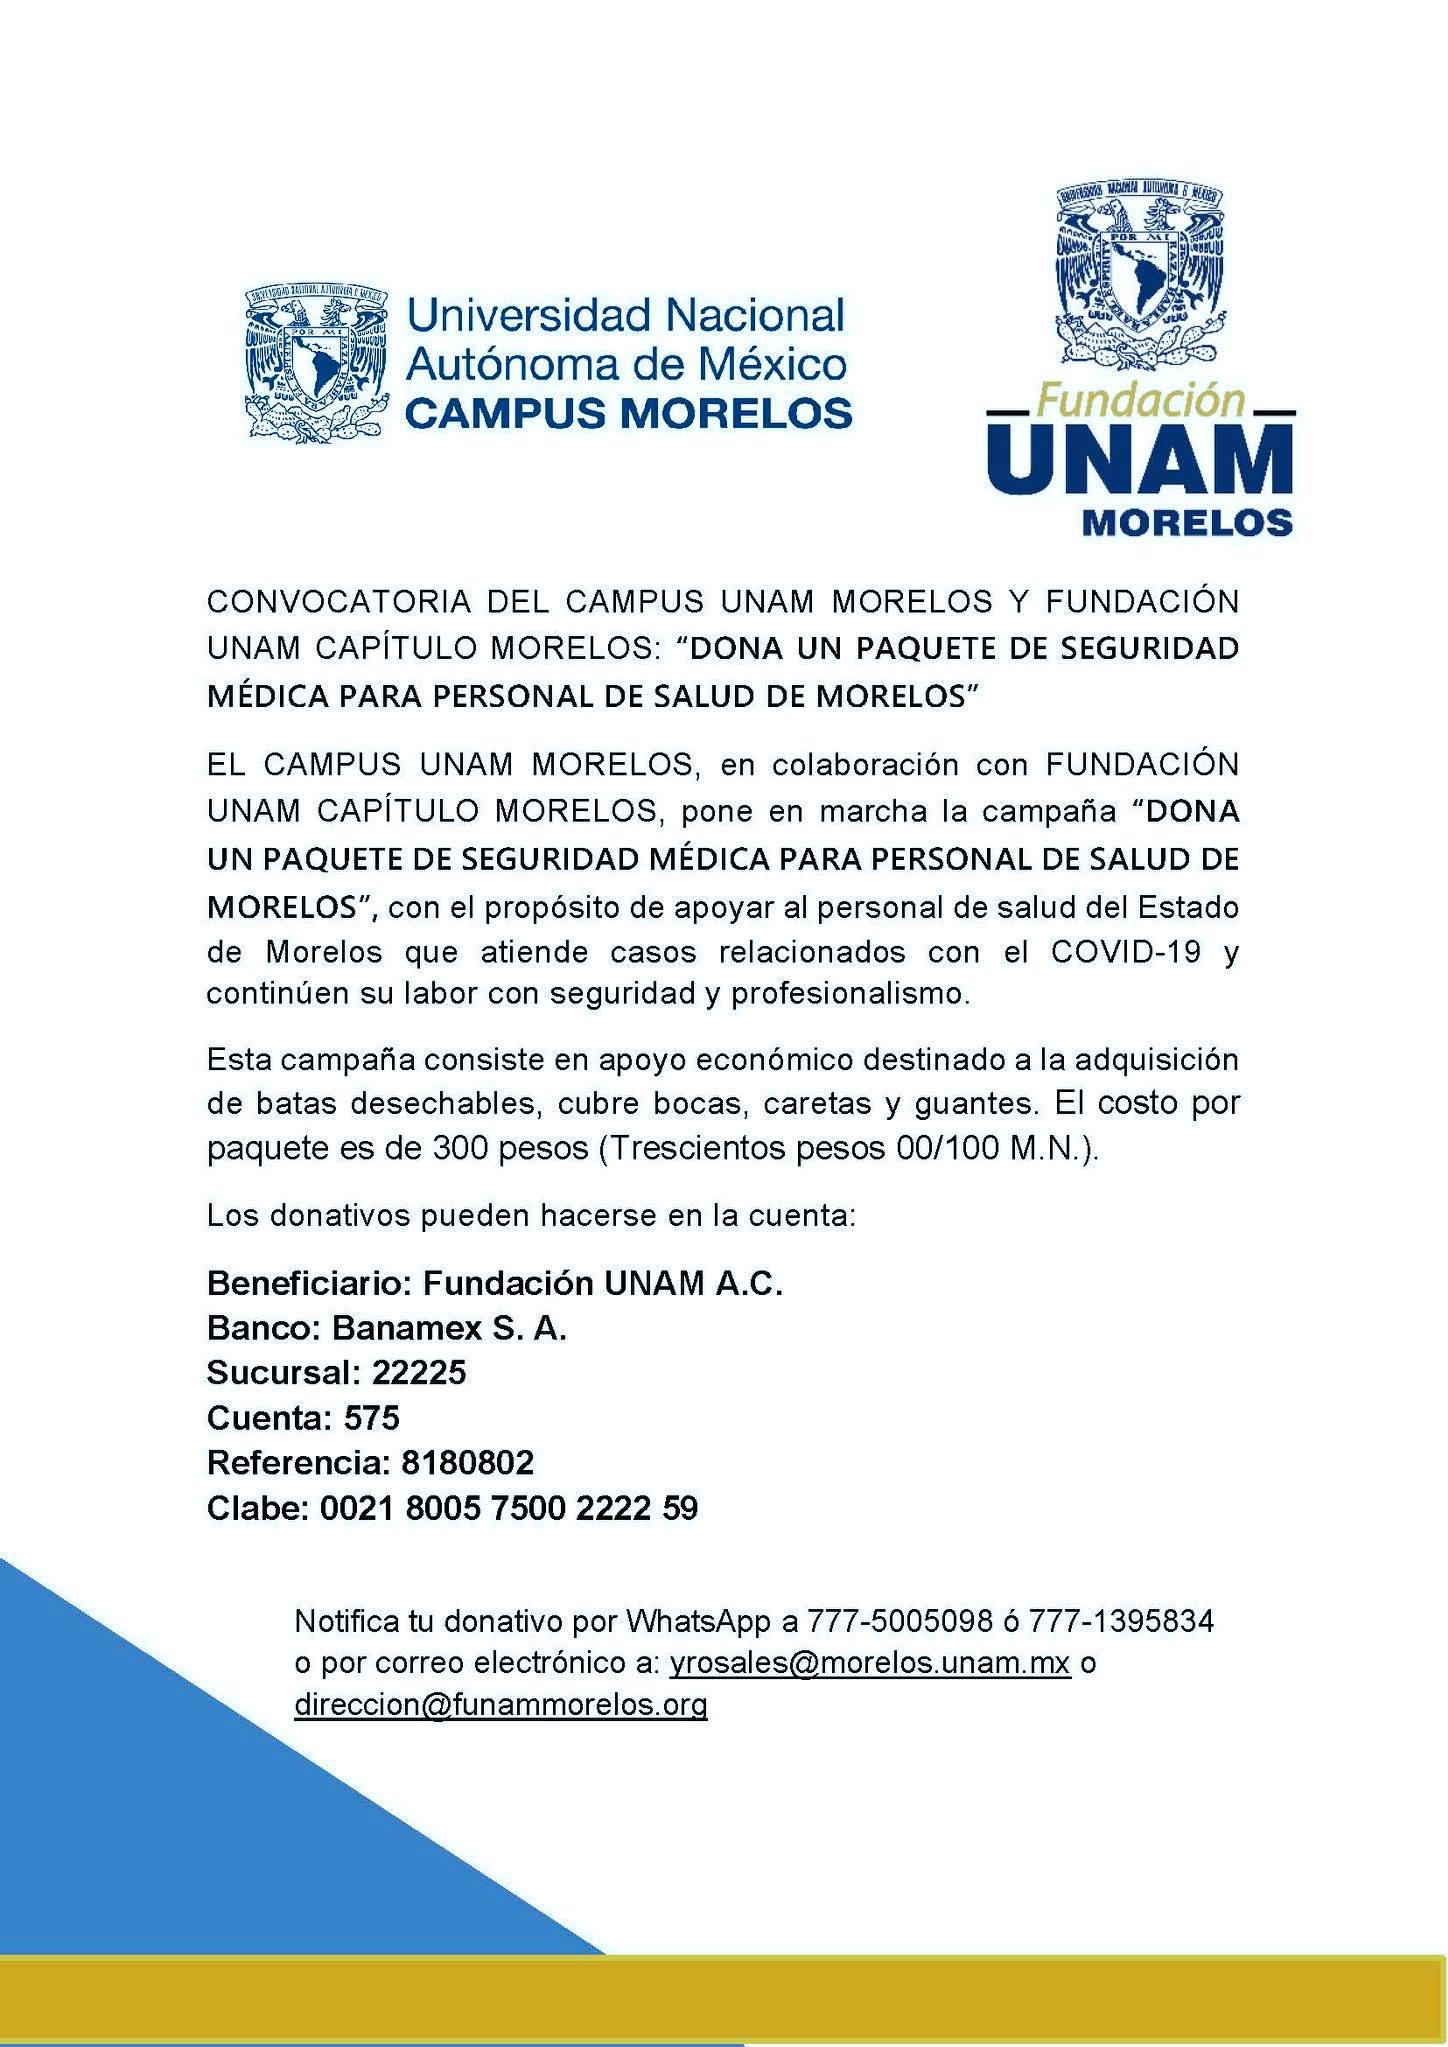 UNAM Morelos y Fundación UNAM Morelos